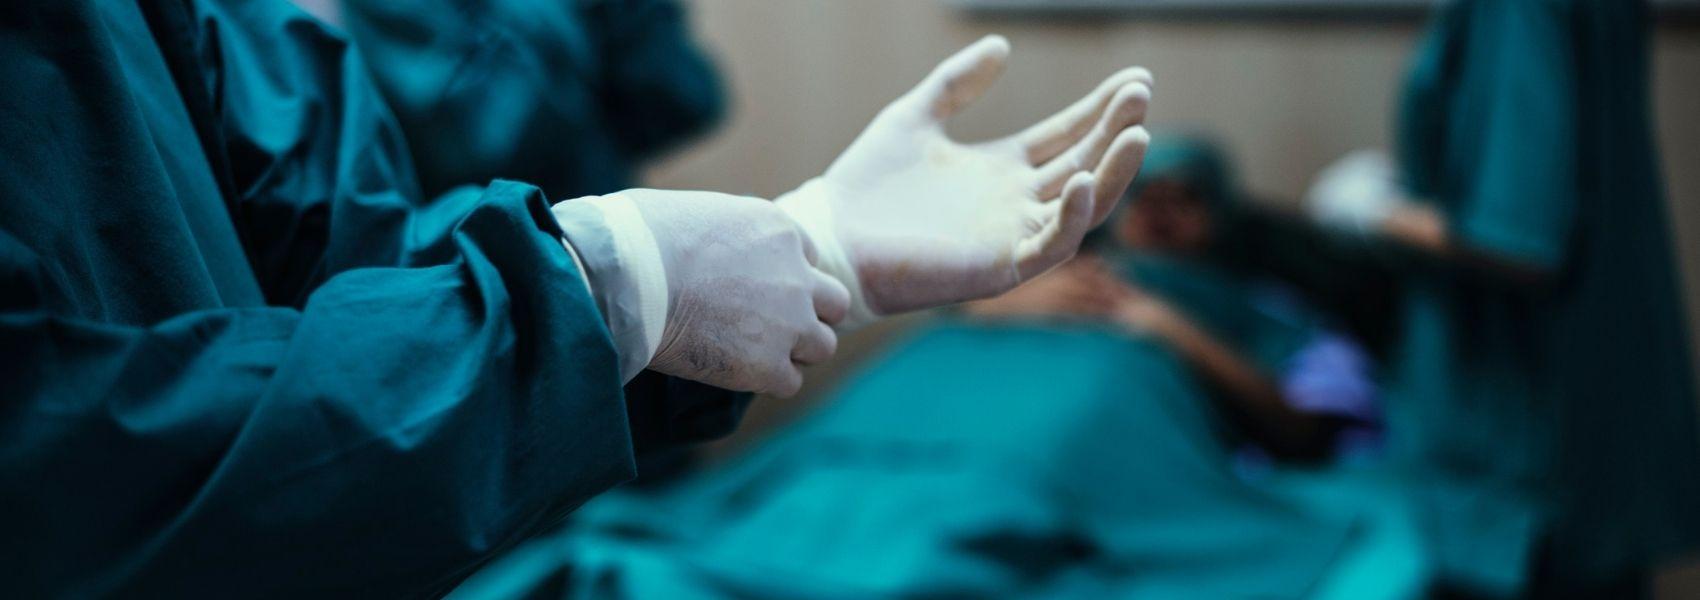 Risco de complicações cardíacas após uma grande cirurgia é maior do que se pensava